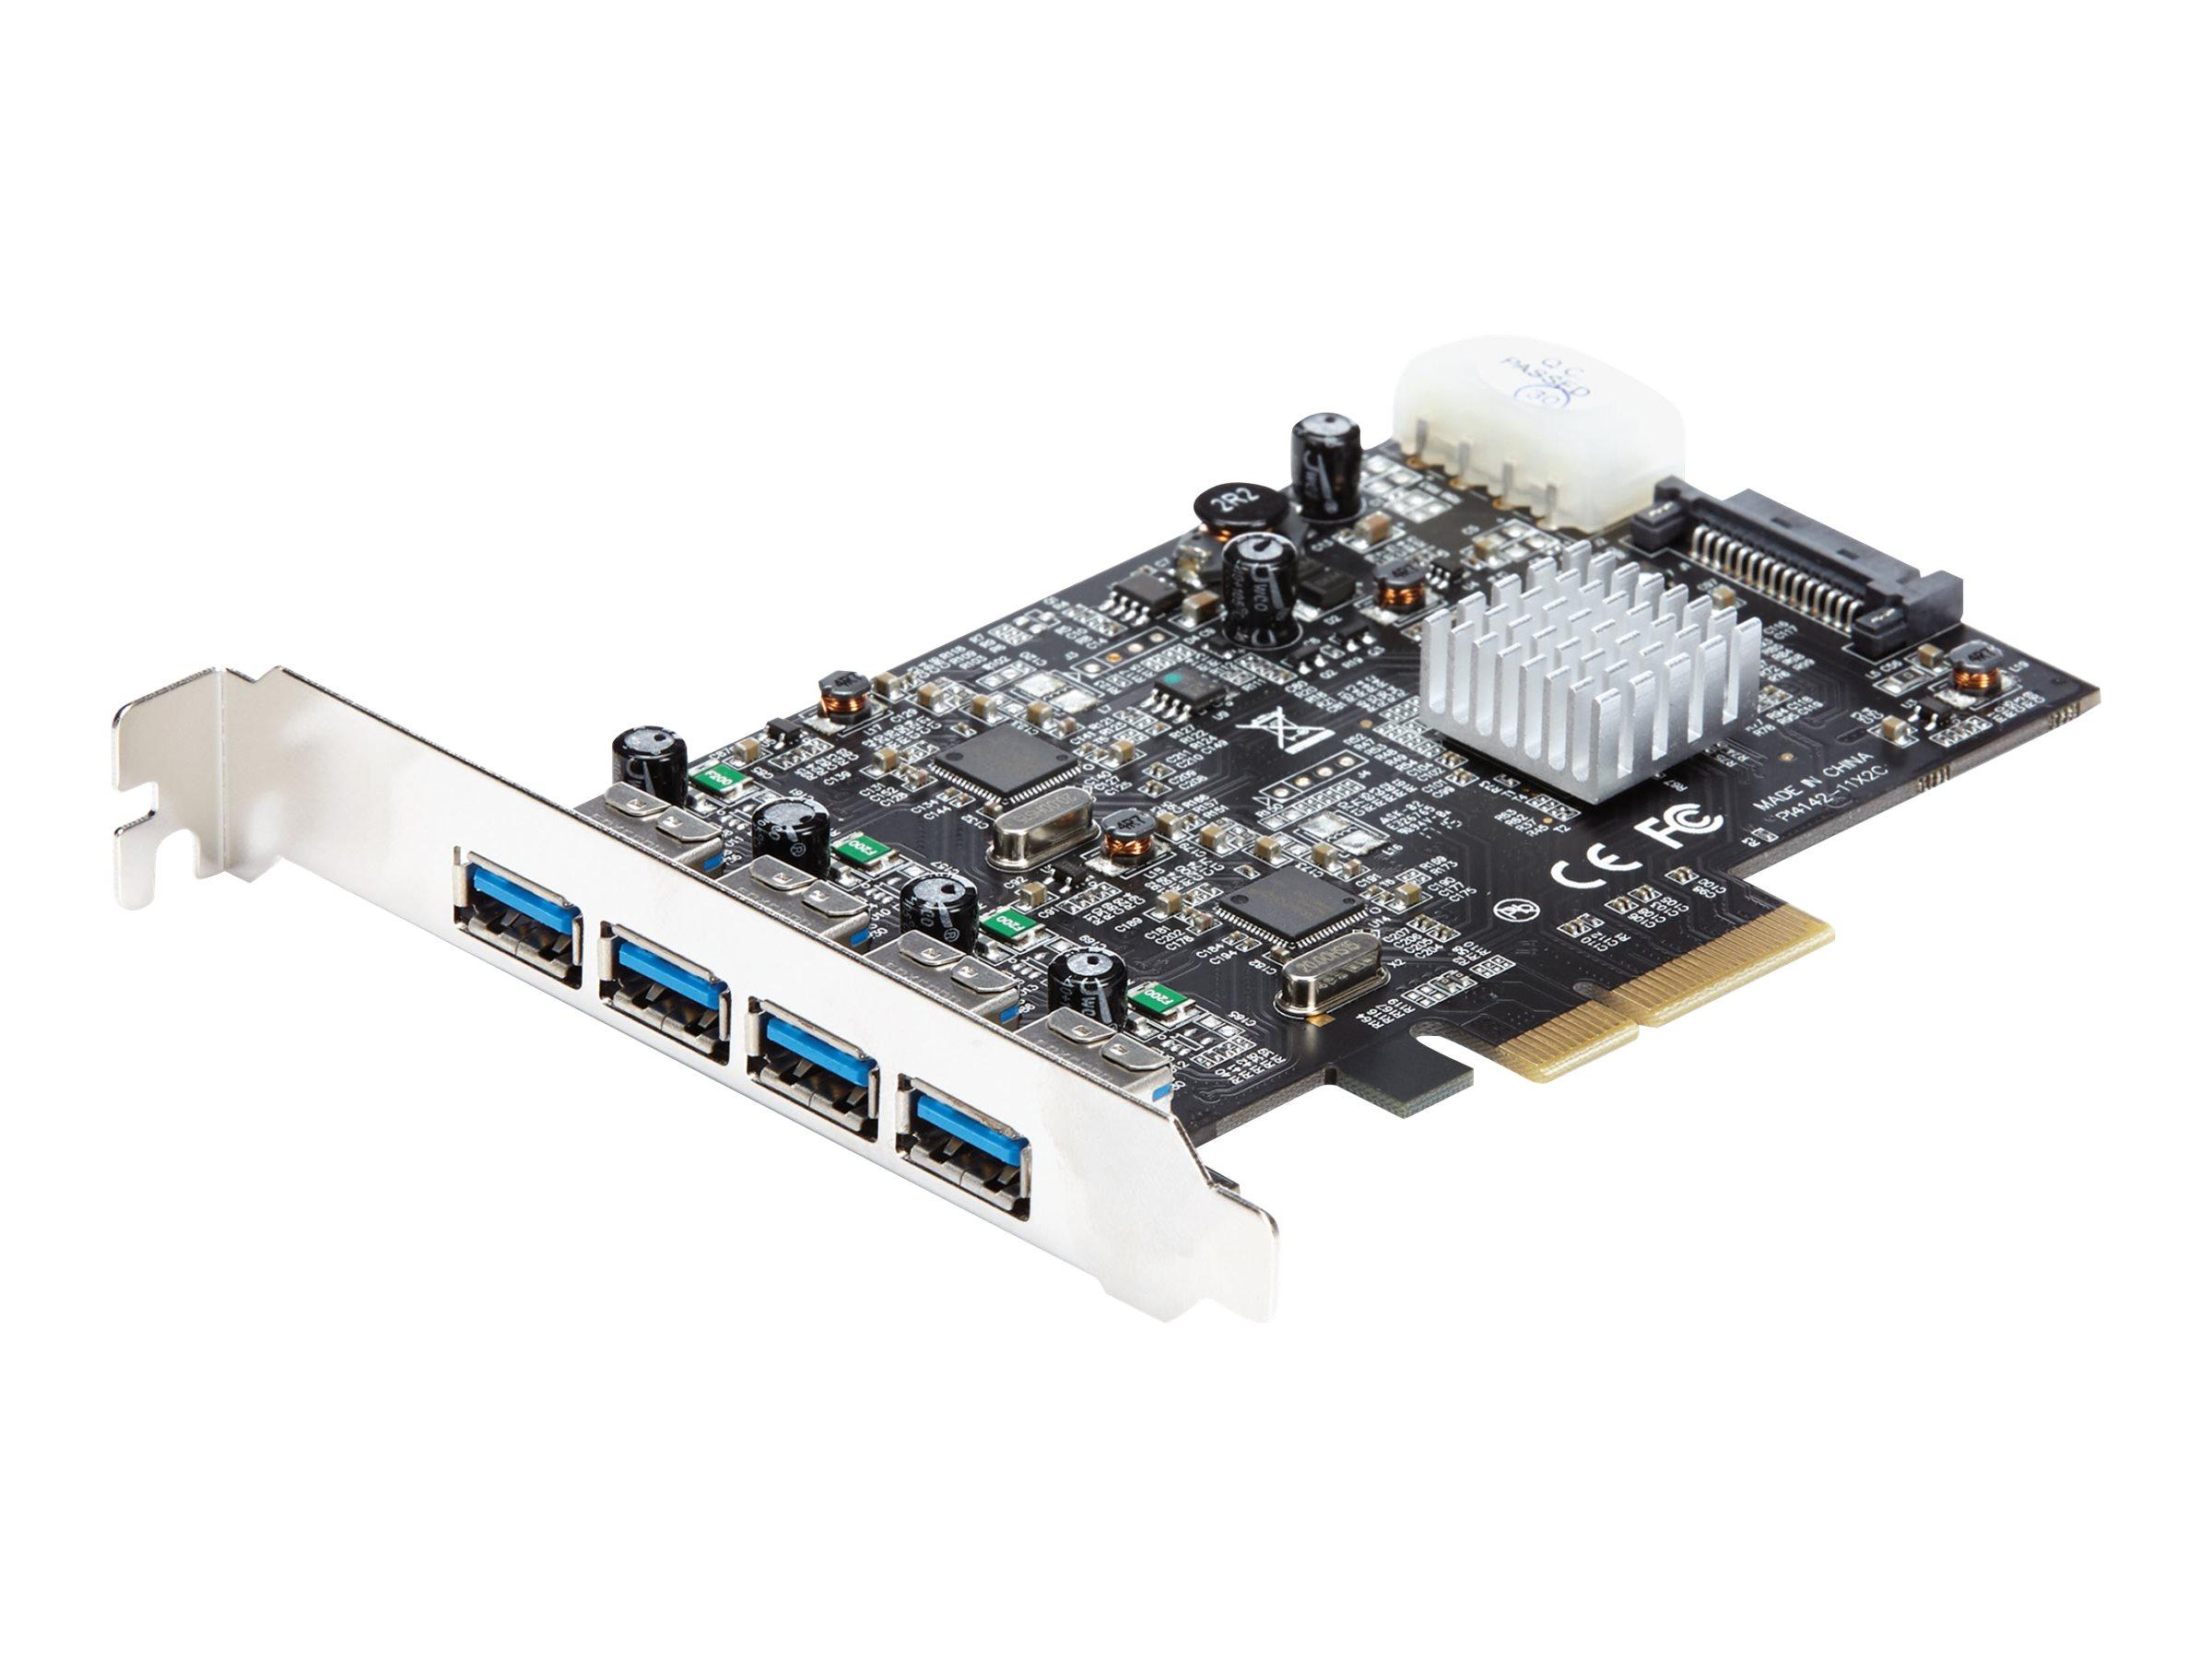 StarTech.com 4 Port USB 3.1 (10Gbit/s) Karte - 4x USB-A mit zwei dedizierten 10Gbit/s Kanälen - PCIe - USB3.1 Karte - USB-Adapte